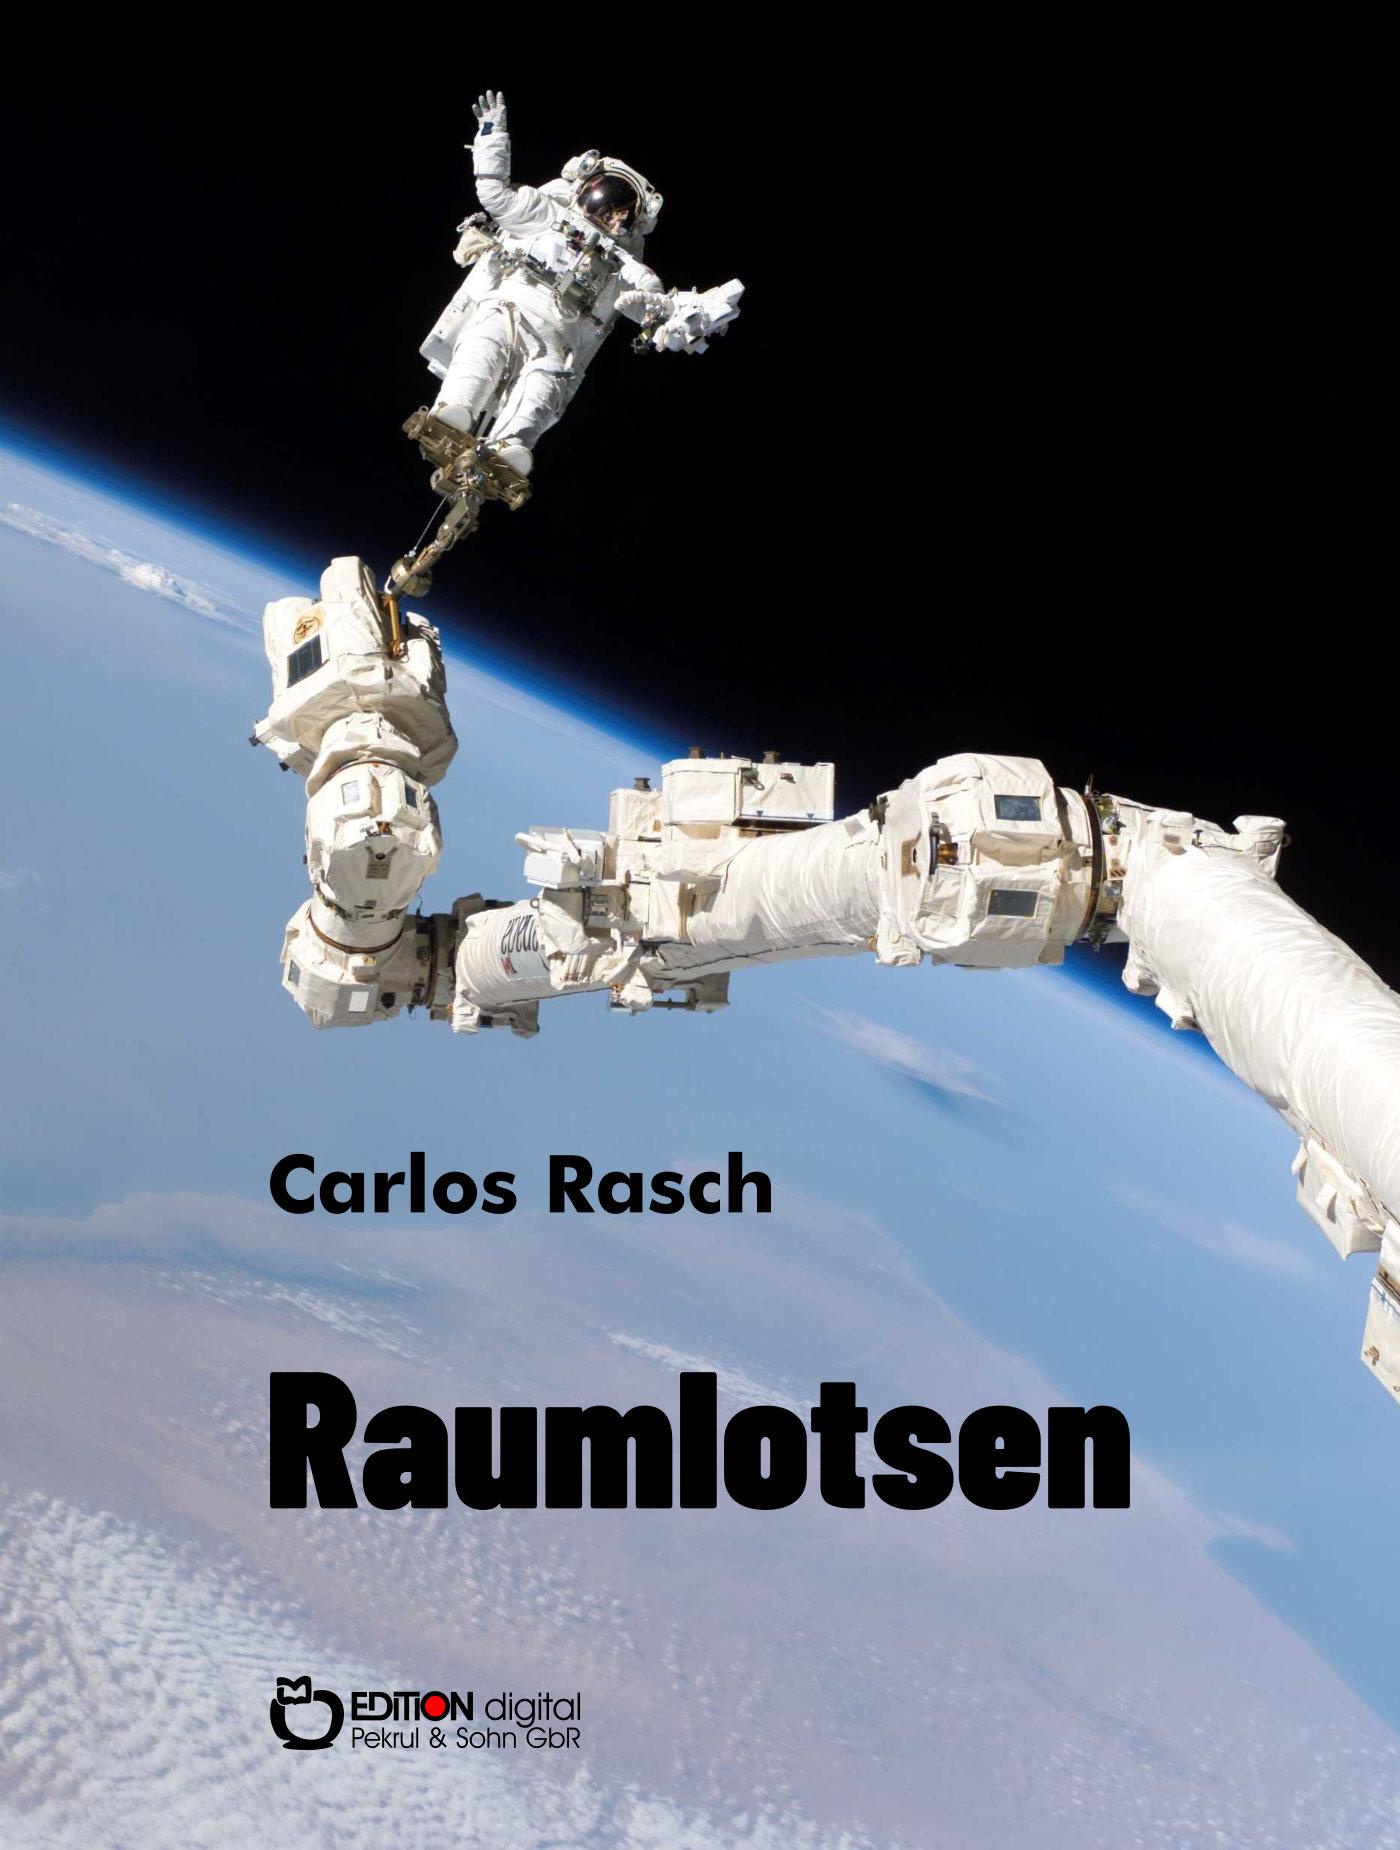 Raumlotsen von Carlos Rasch